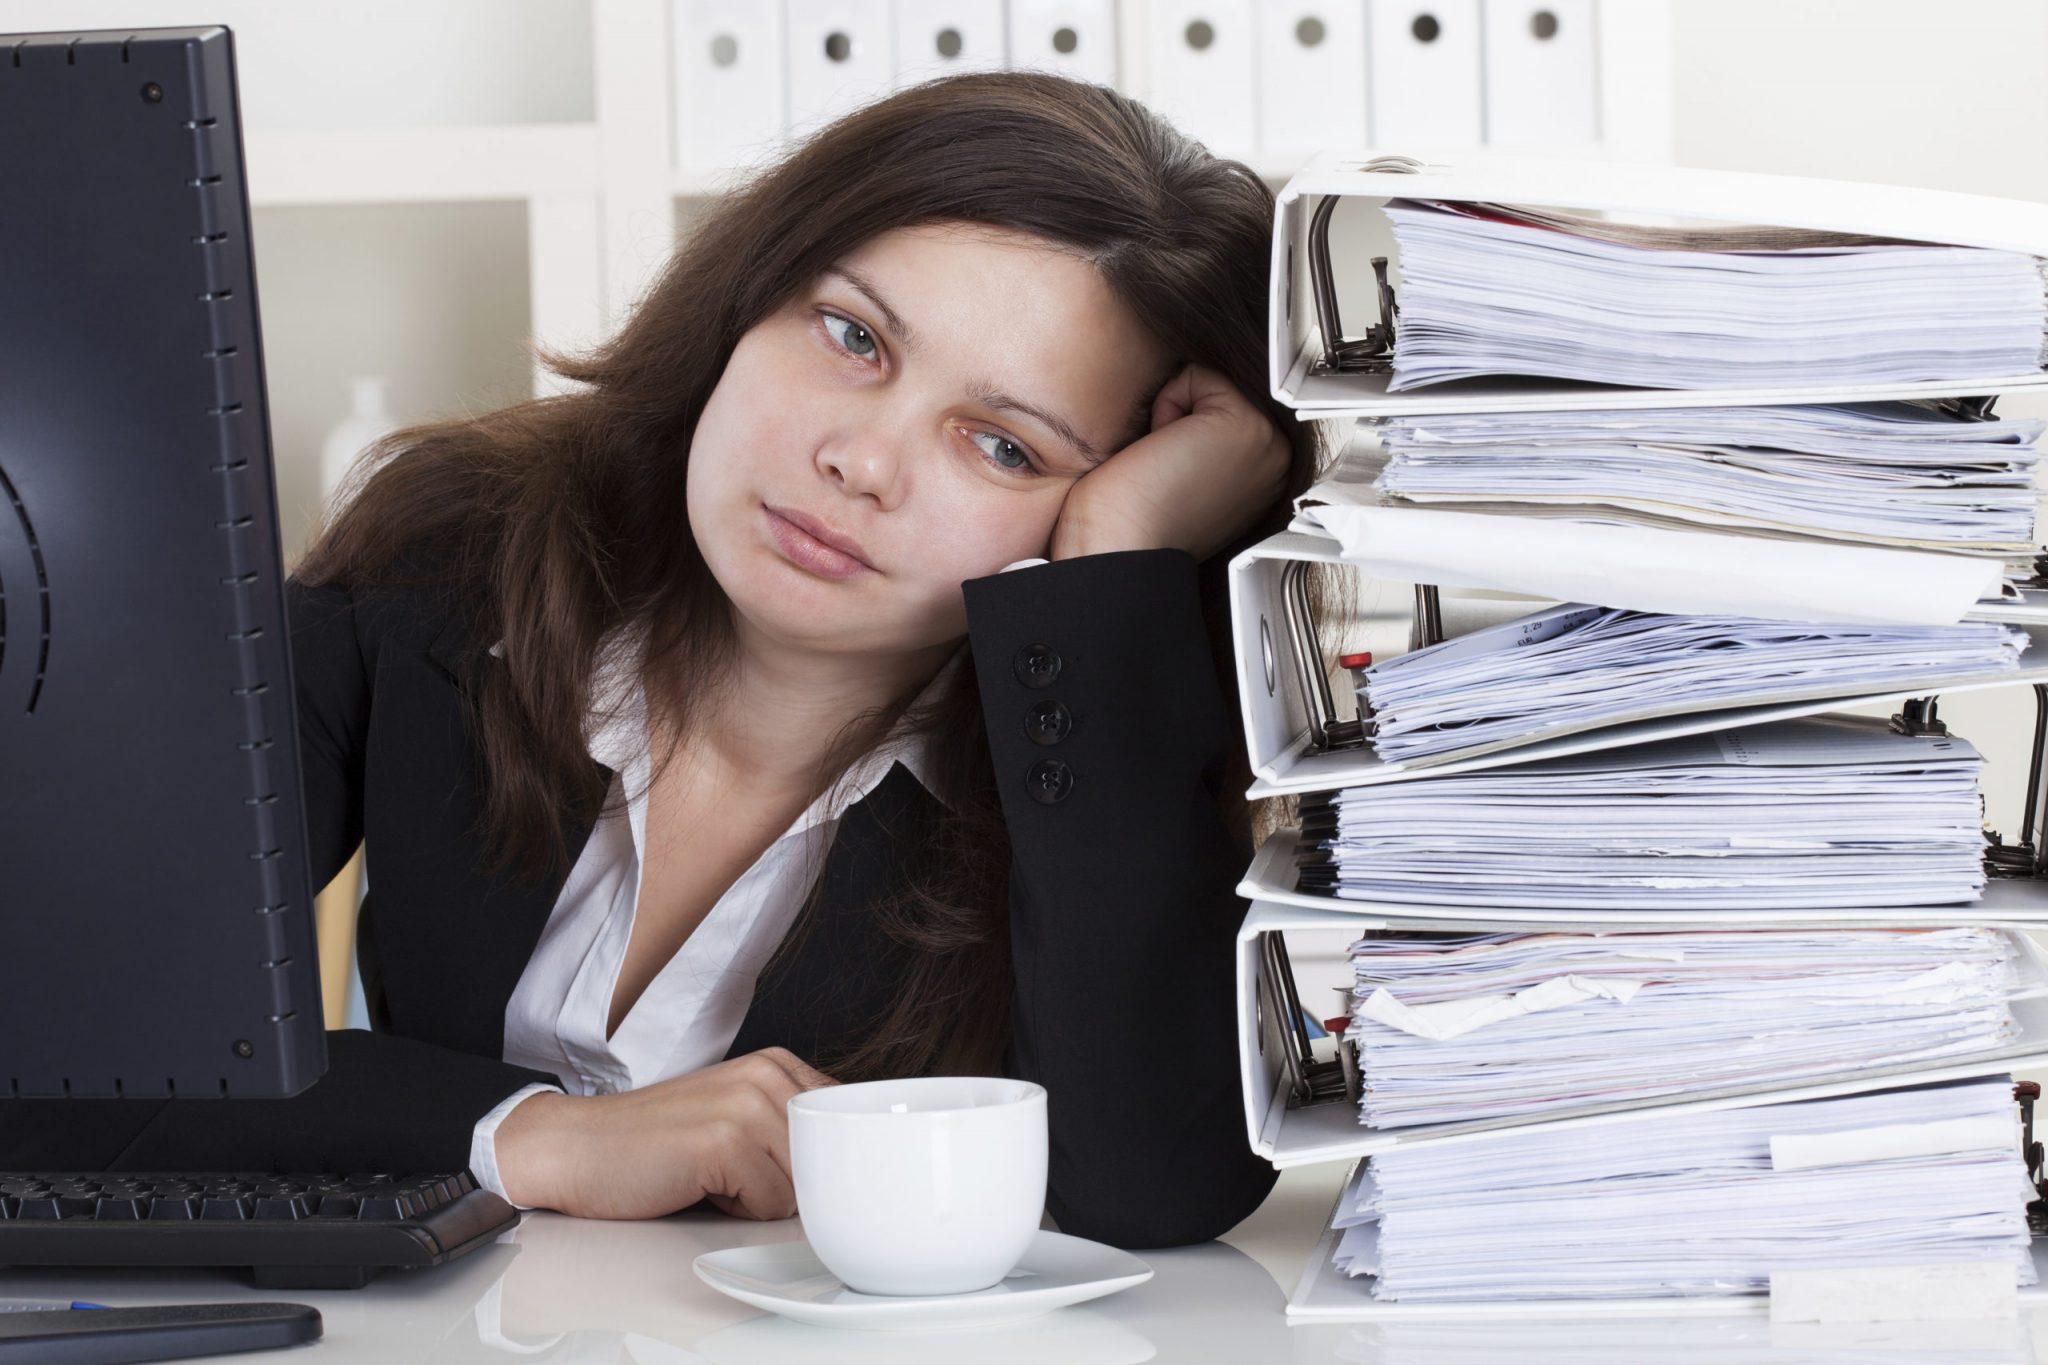 Что известно об идее введения четырёхдневной рабочей недели для женщин?